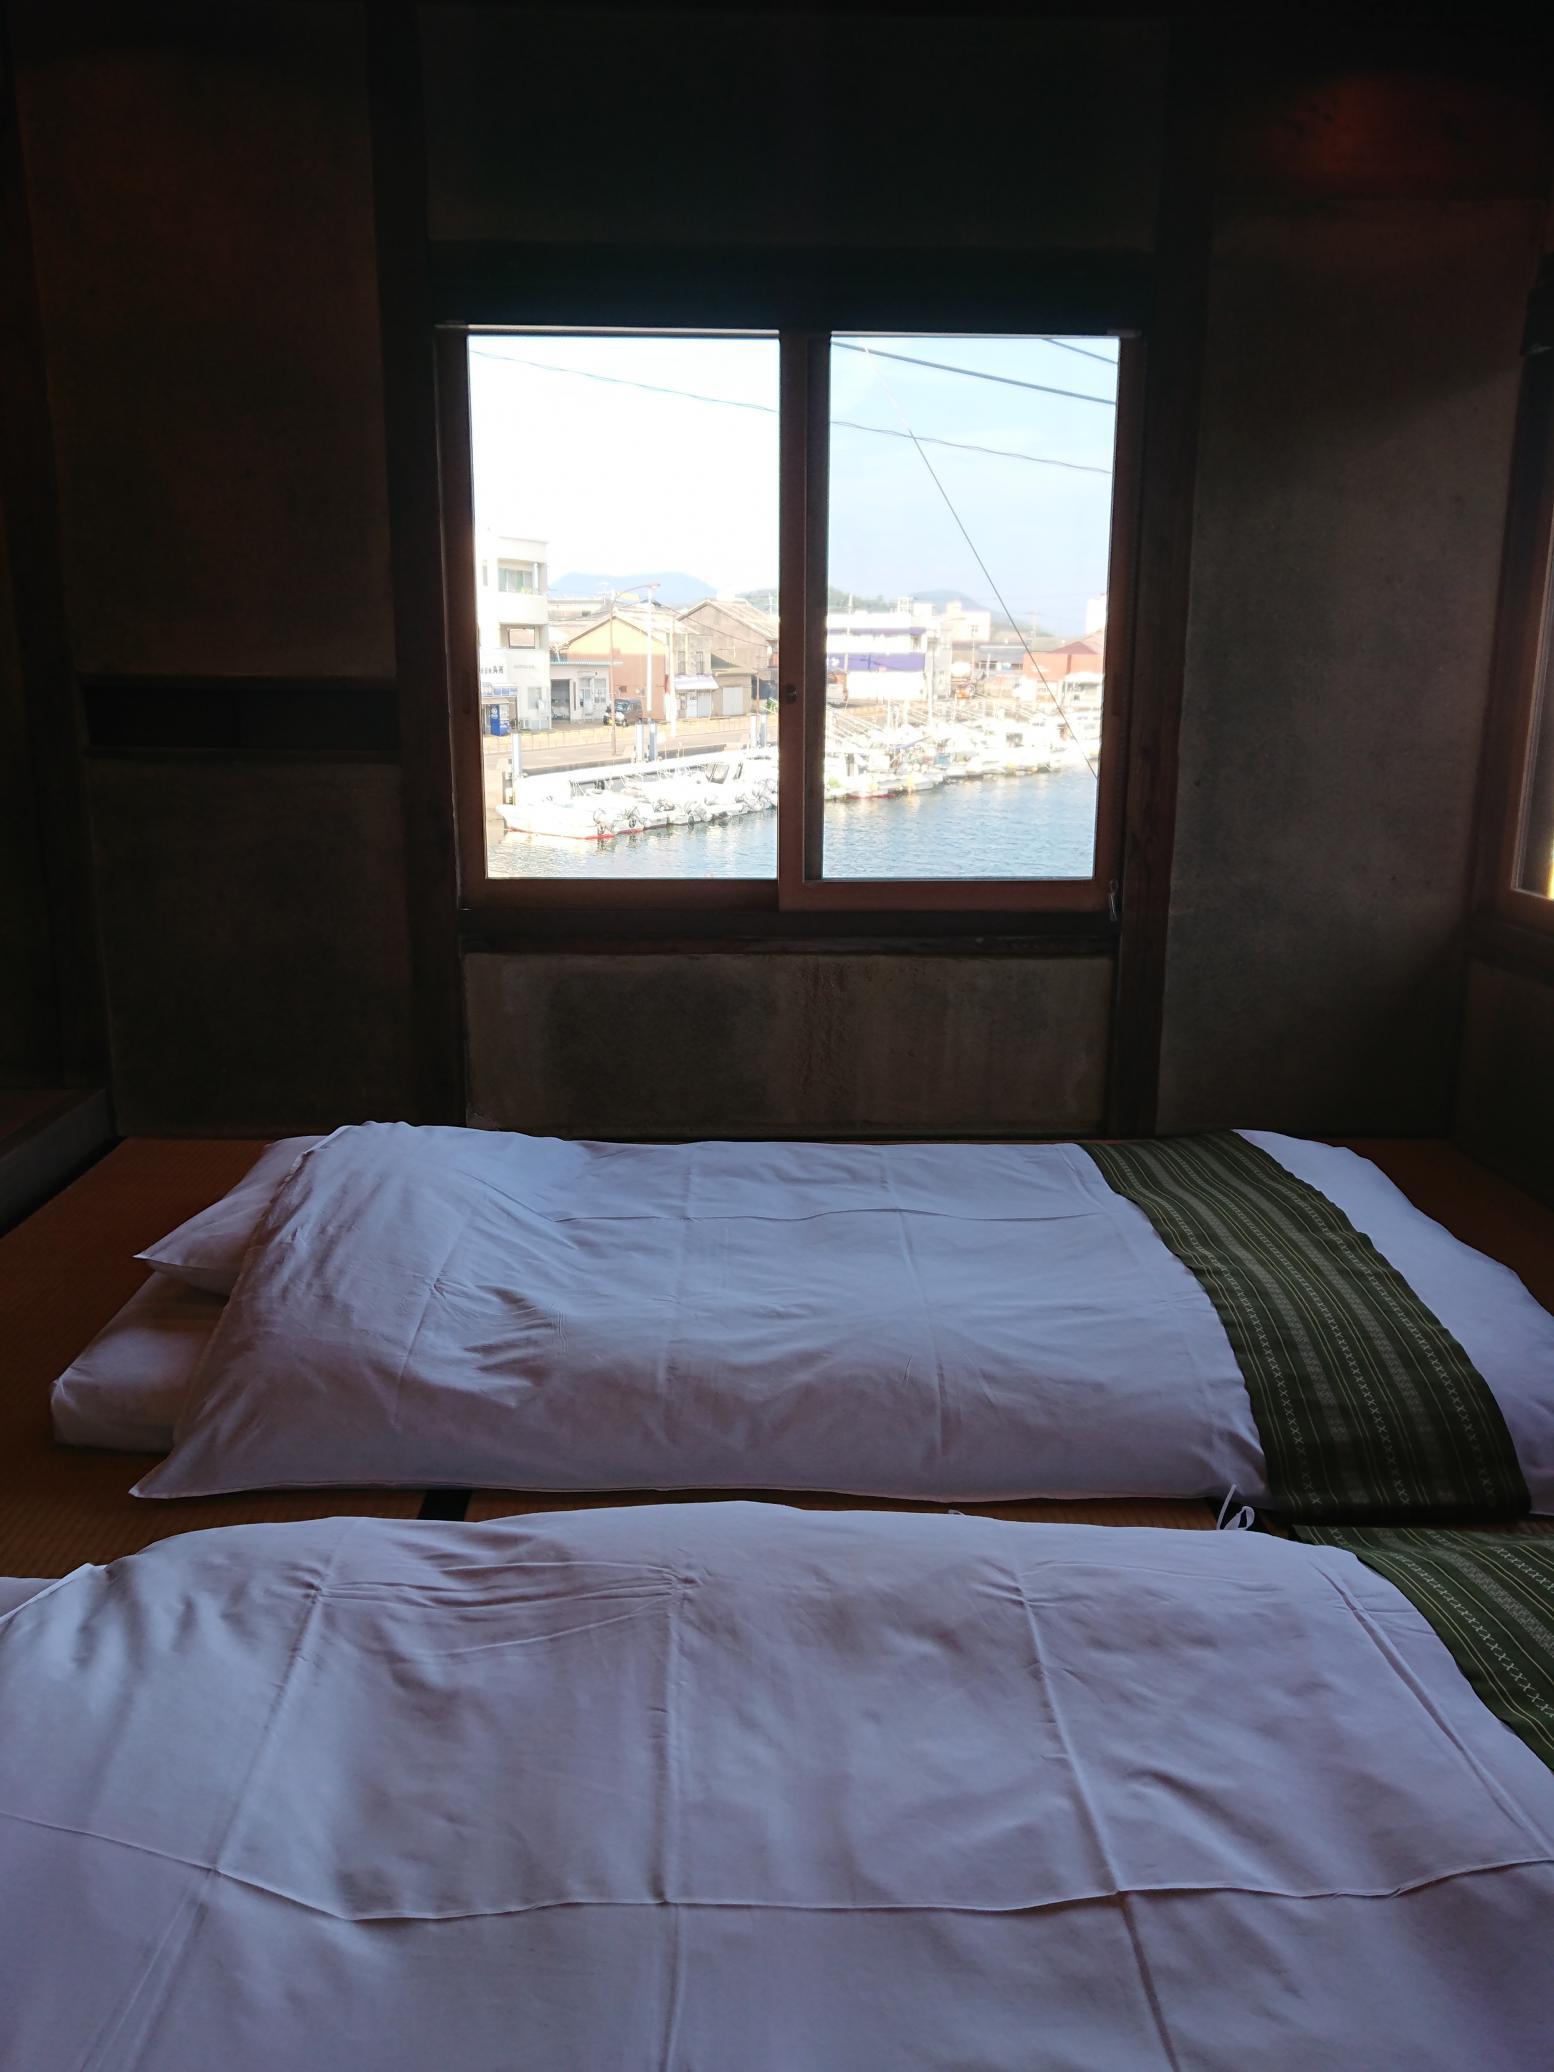 翌朝は、窓から差し込む朝日に目が覚めました。-0